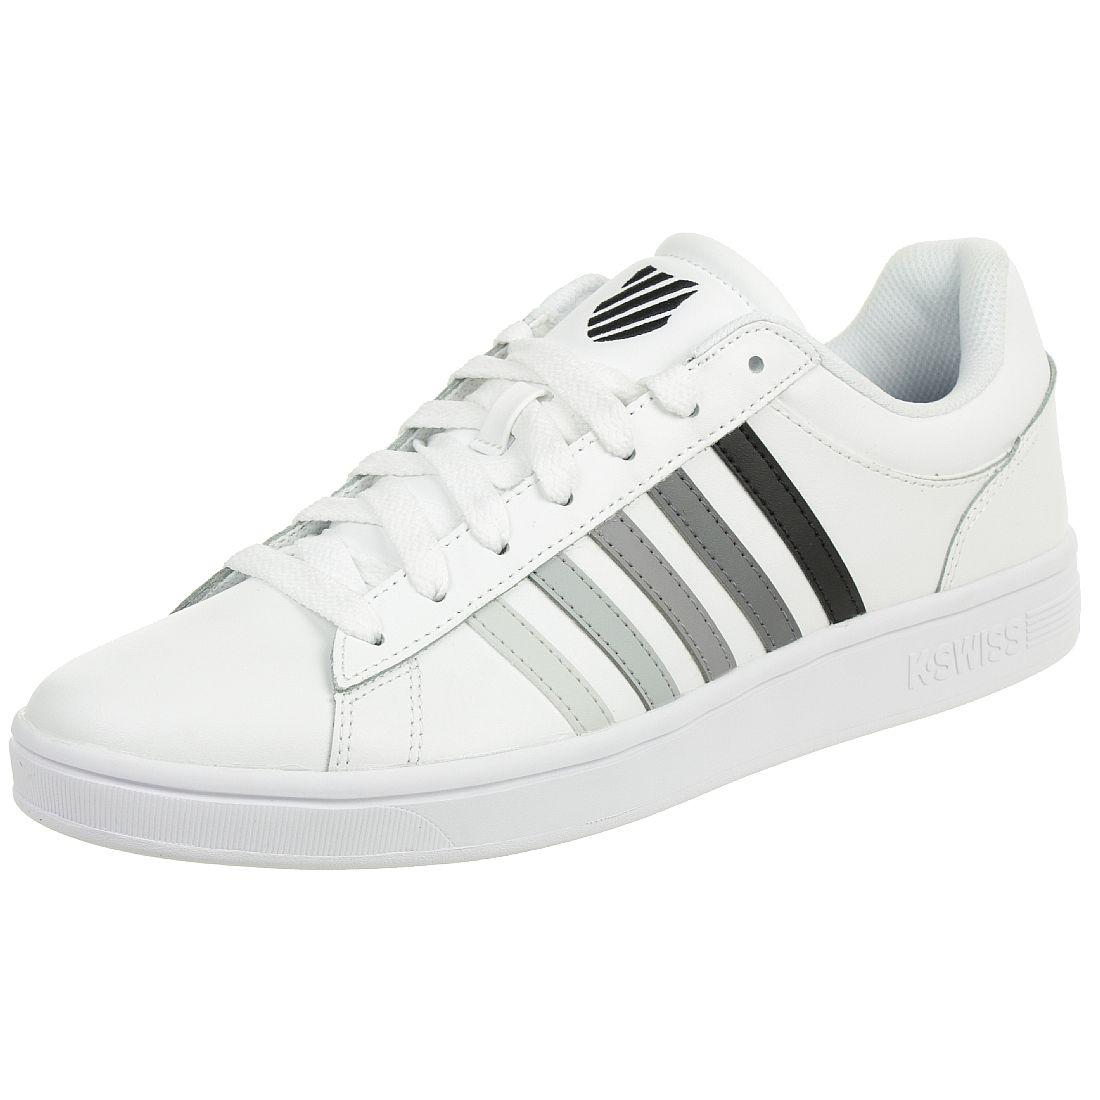 online store d6339 1a4d5 K-SWISS Court Winston Schuhe Herren Sneaker weiss 06154-191 ...